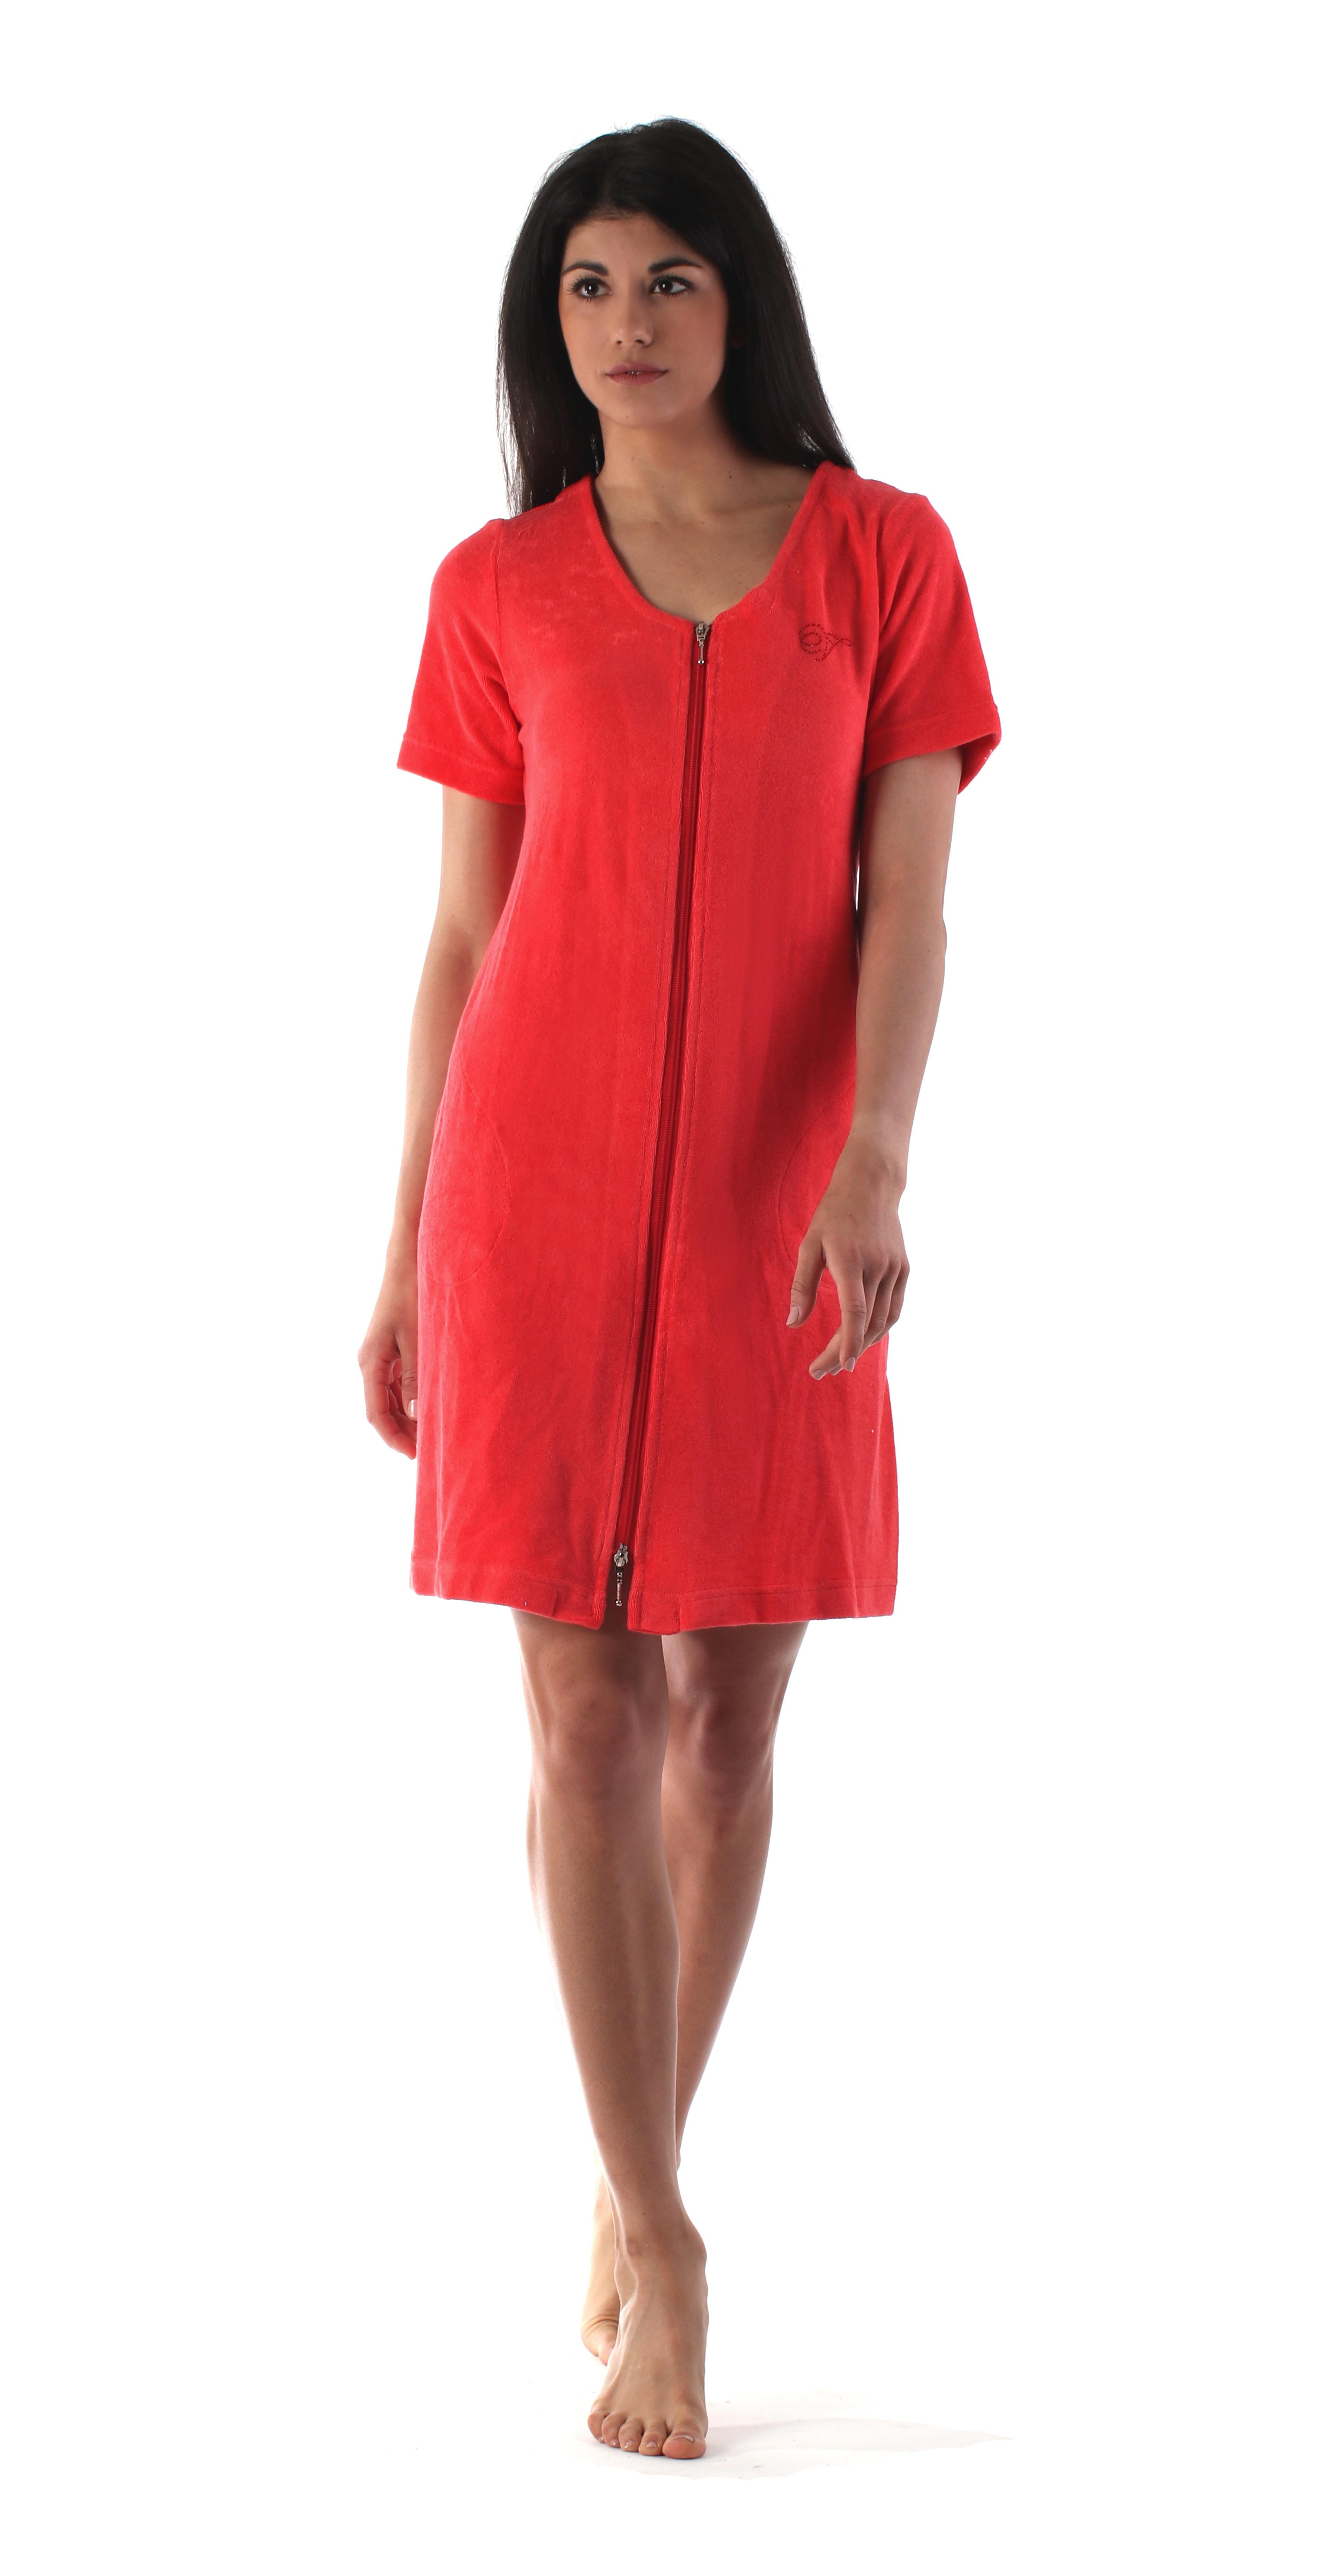 Dámské domácí šaty Bari 5164 2330 korálová vel.M - Vestis e514b0e535